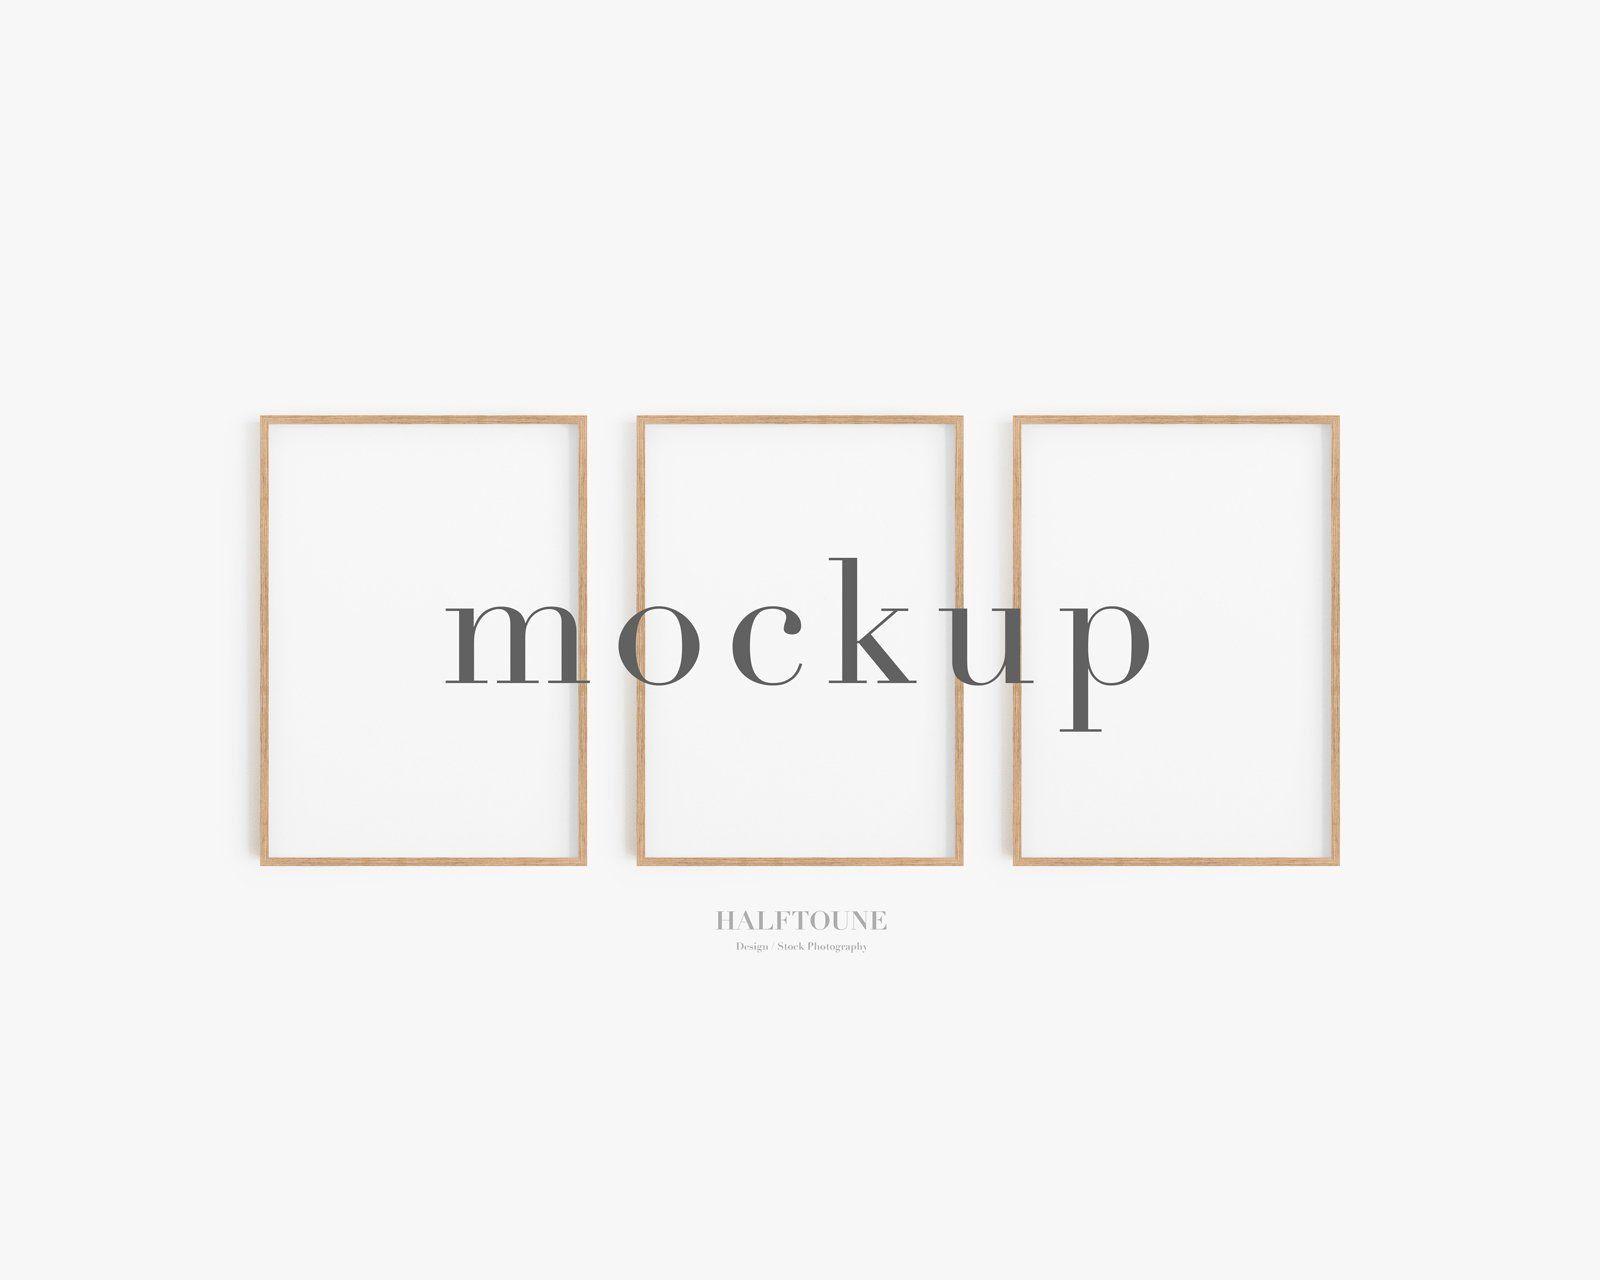 Frame Mockupset Of 3 Mockup3 Frames Mockupmockup Etsy In 2021 Frame Mockups Frame Set Print Sets